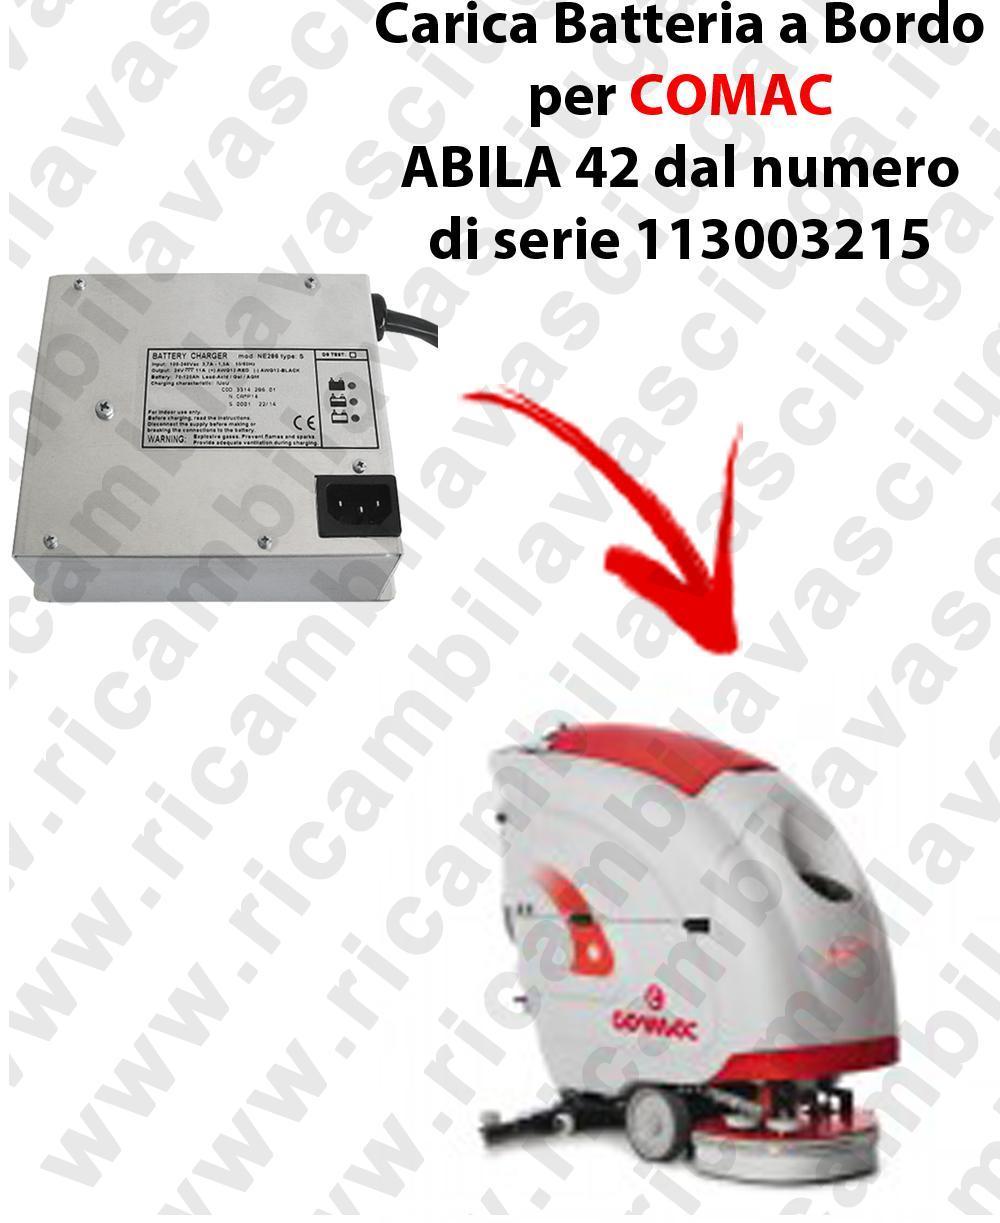 ABILA 42 von der Seriennummer 113003215 Batterieladegerät auf bord für scheuersaugmaschinen COMAC